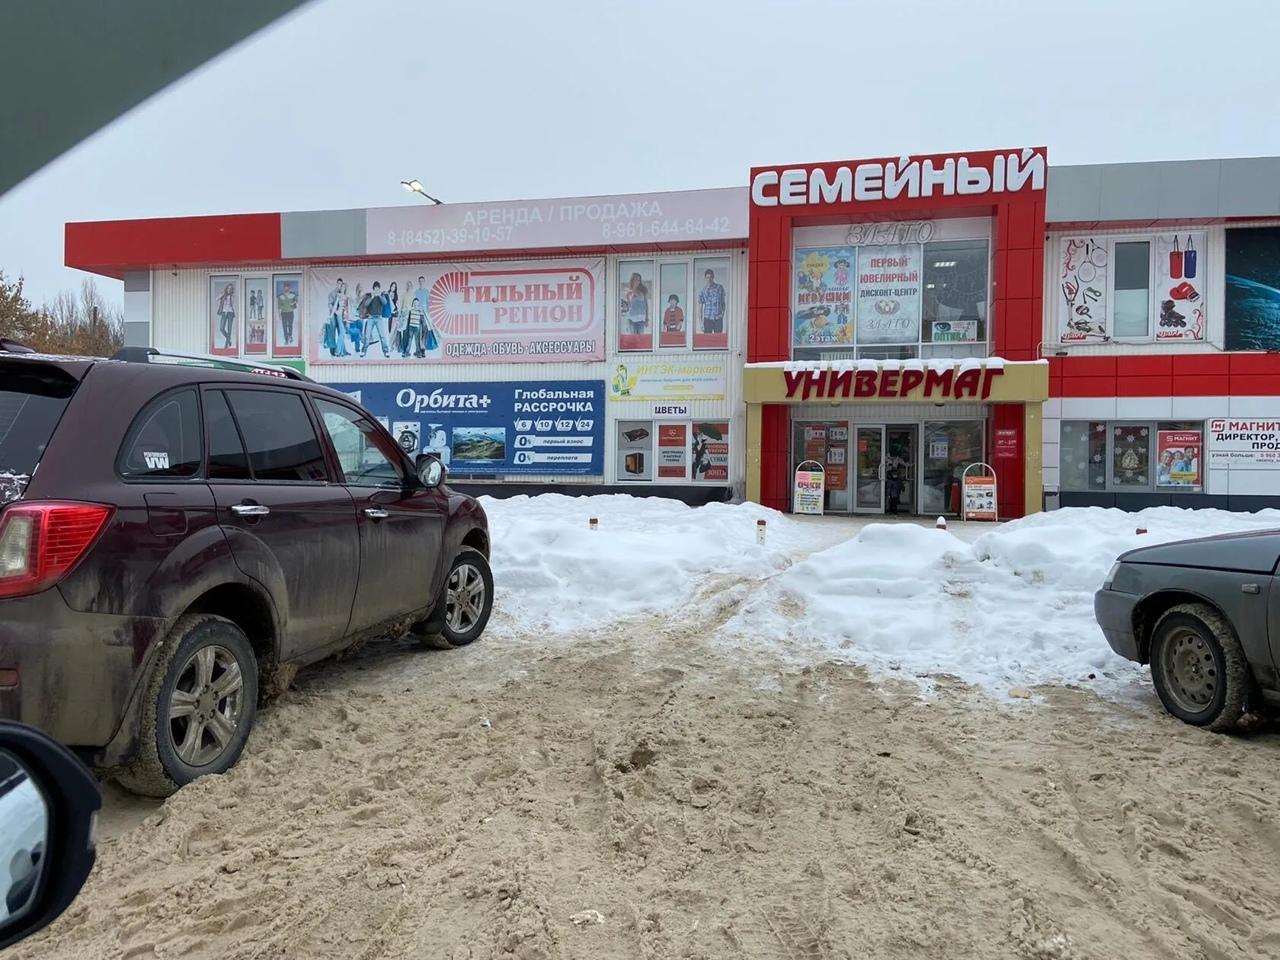 Администрация Петровского района работает с обращениями жителей по вопросам расчистки от снега городских улиц